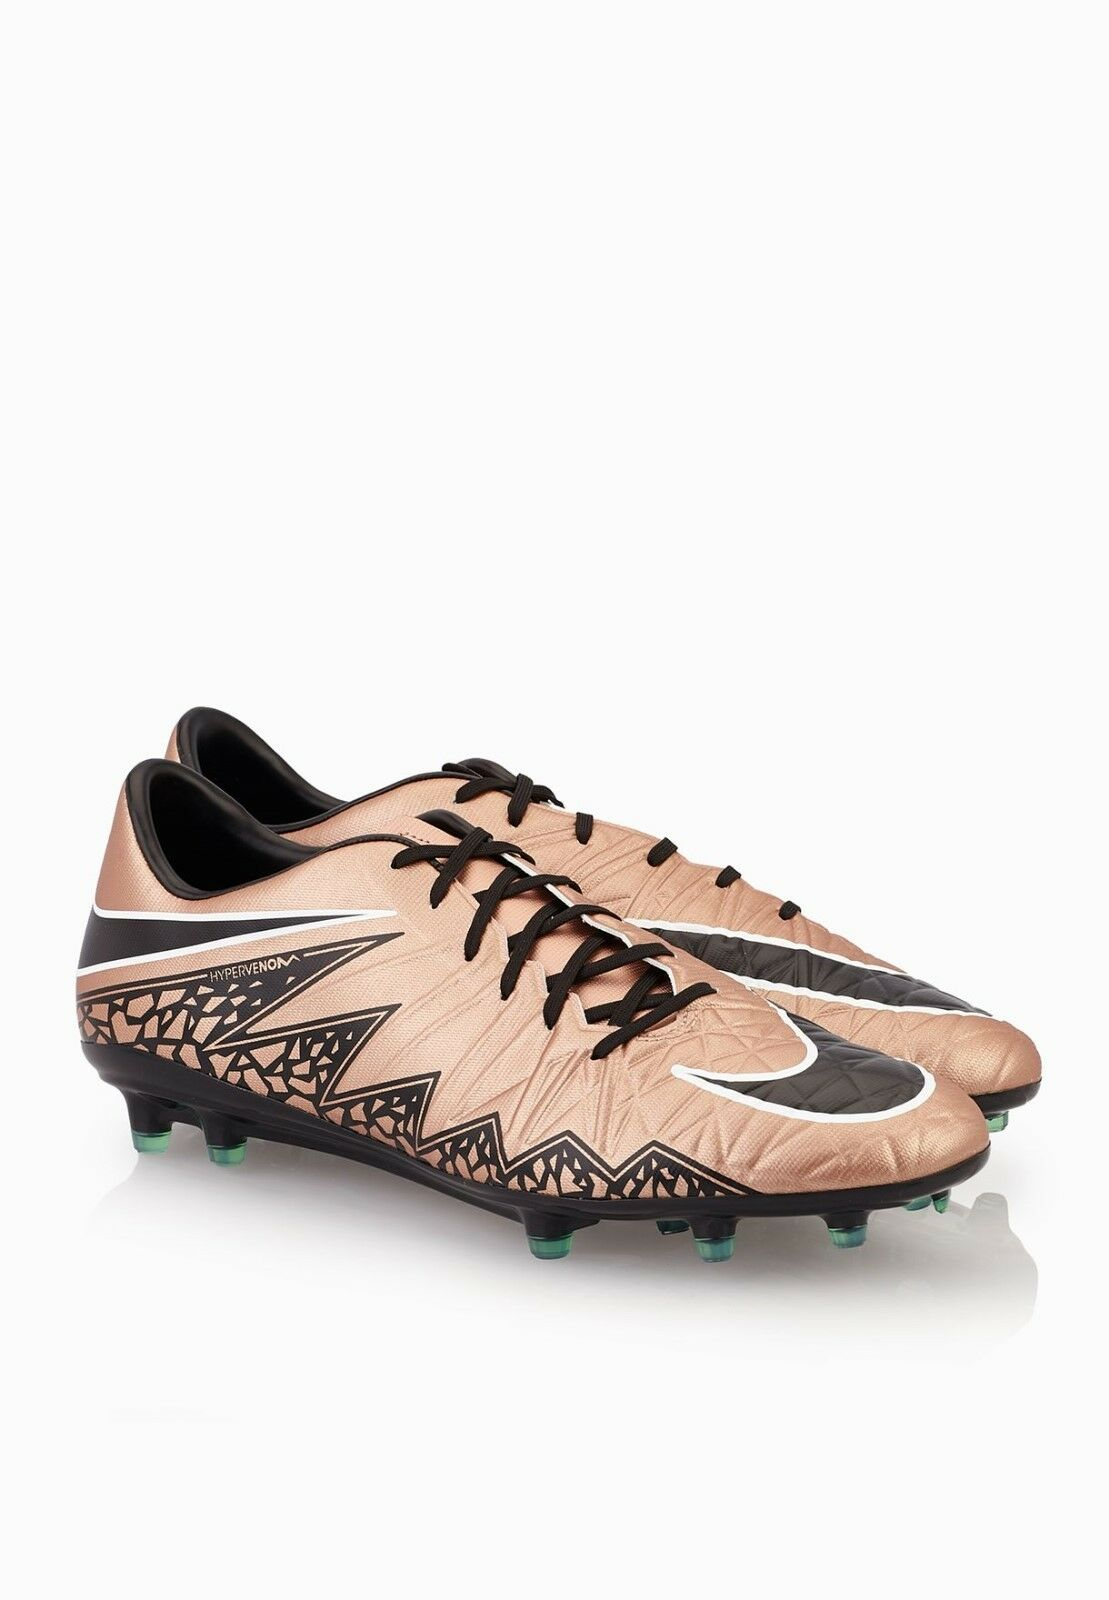 Nike Hypervenom Phatal FG bronce negro [749893-903]